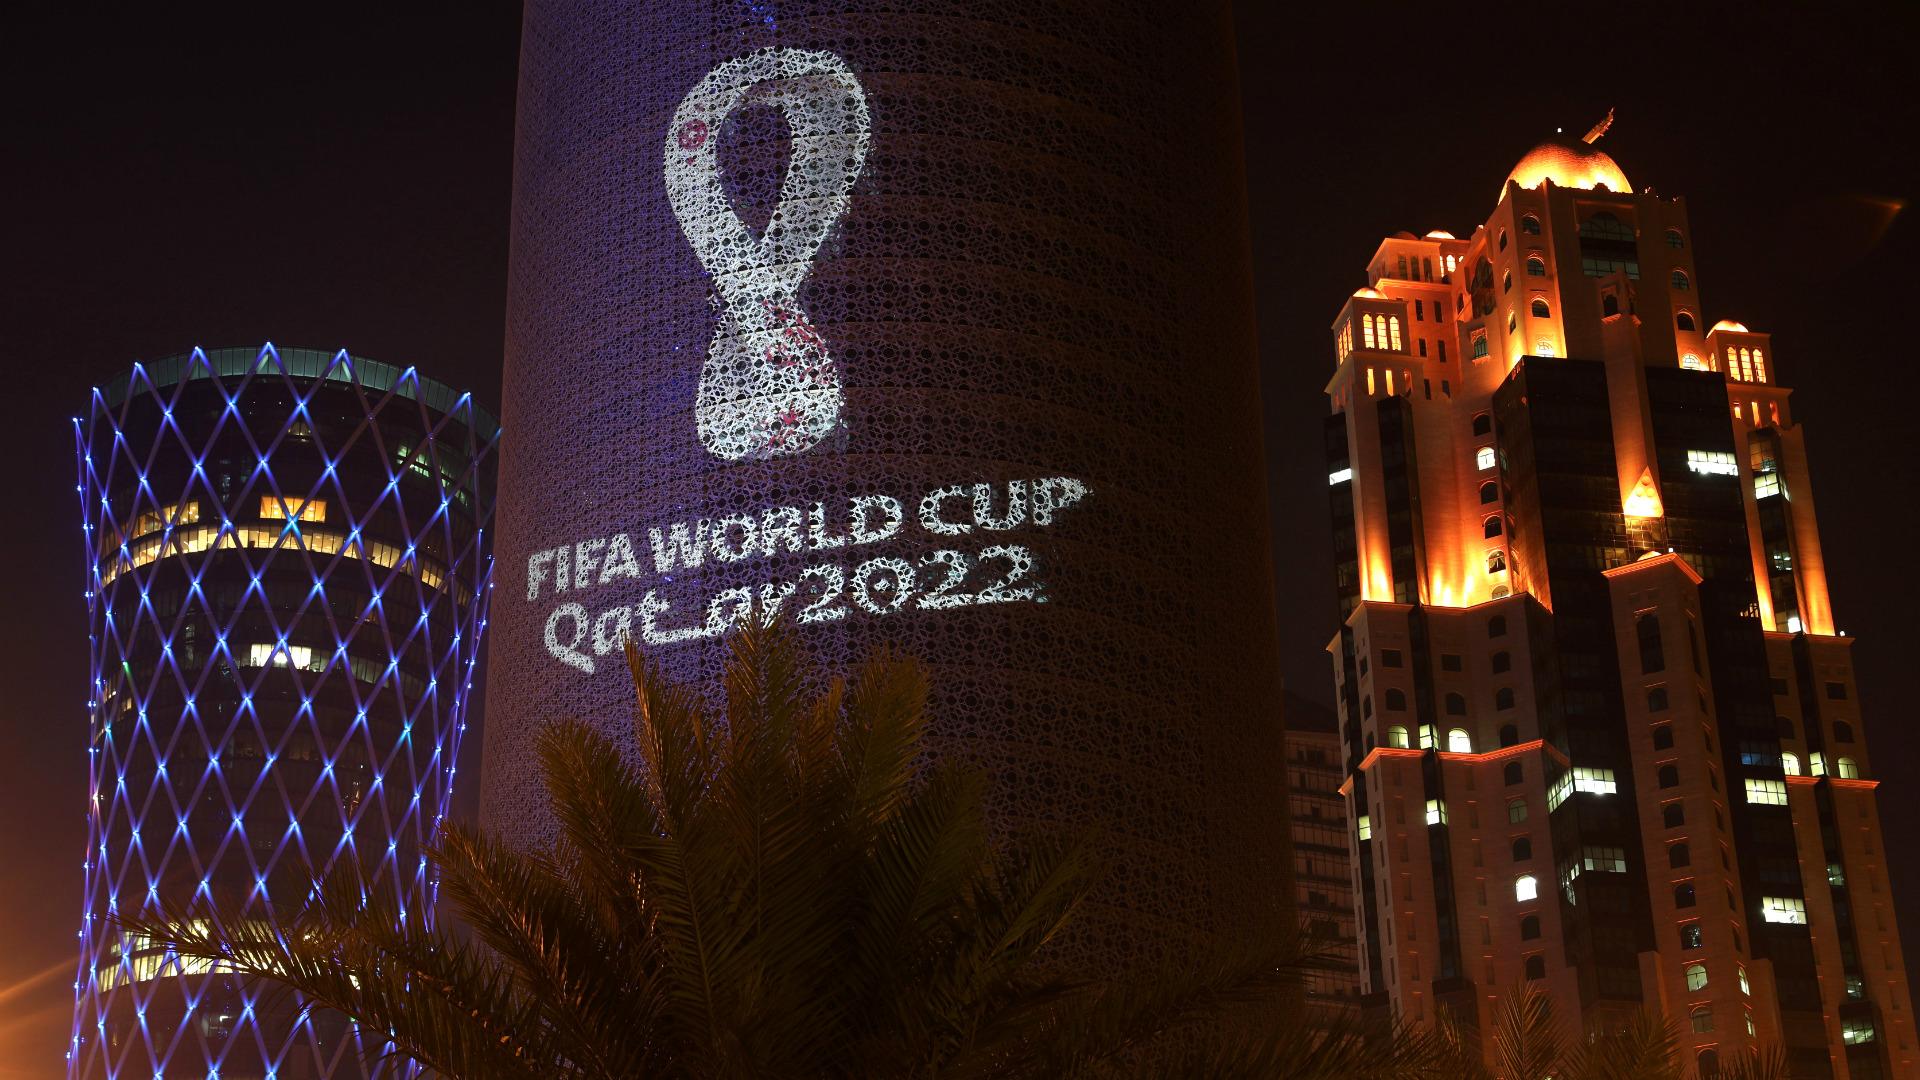 ศาลเผยอดีตผู้บริหารฟีฟ่า รับสินบนโหวตเจ้าภาพบอลโลก | Goal.com